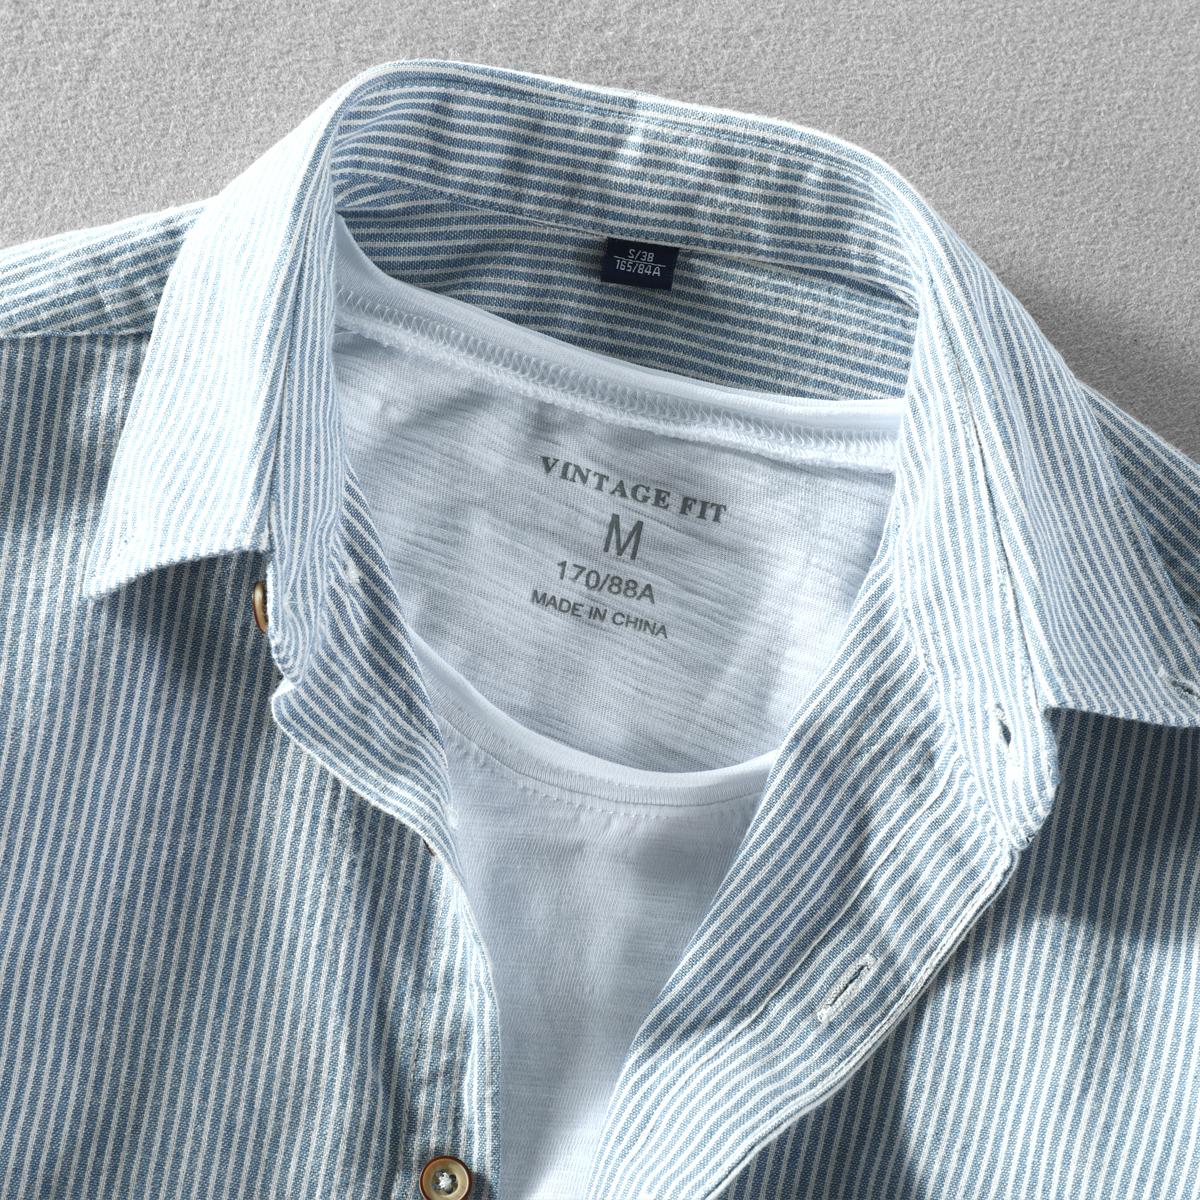 秋季新款男士休闲衬衣长袖翻领简约条纹纯棉水洗打底外穿